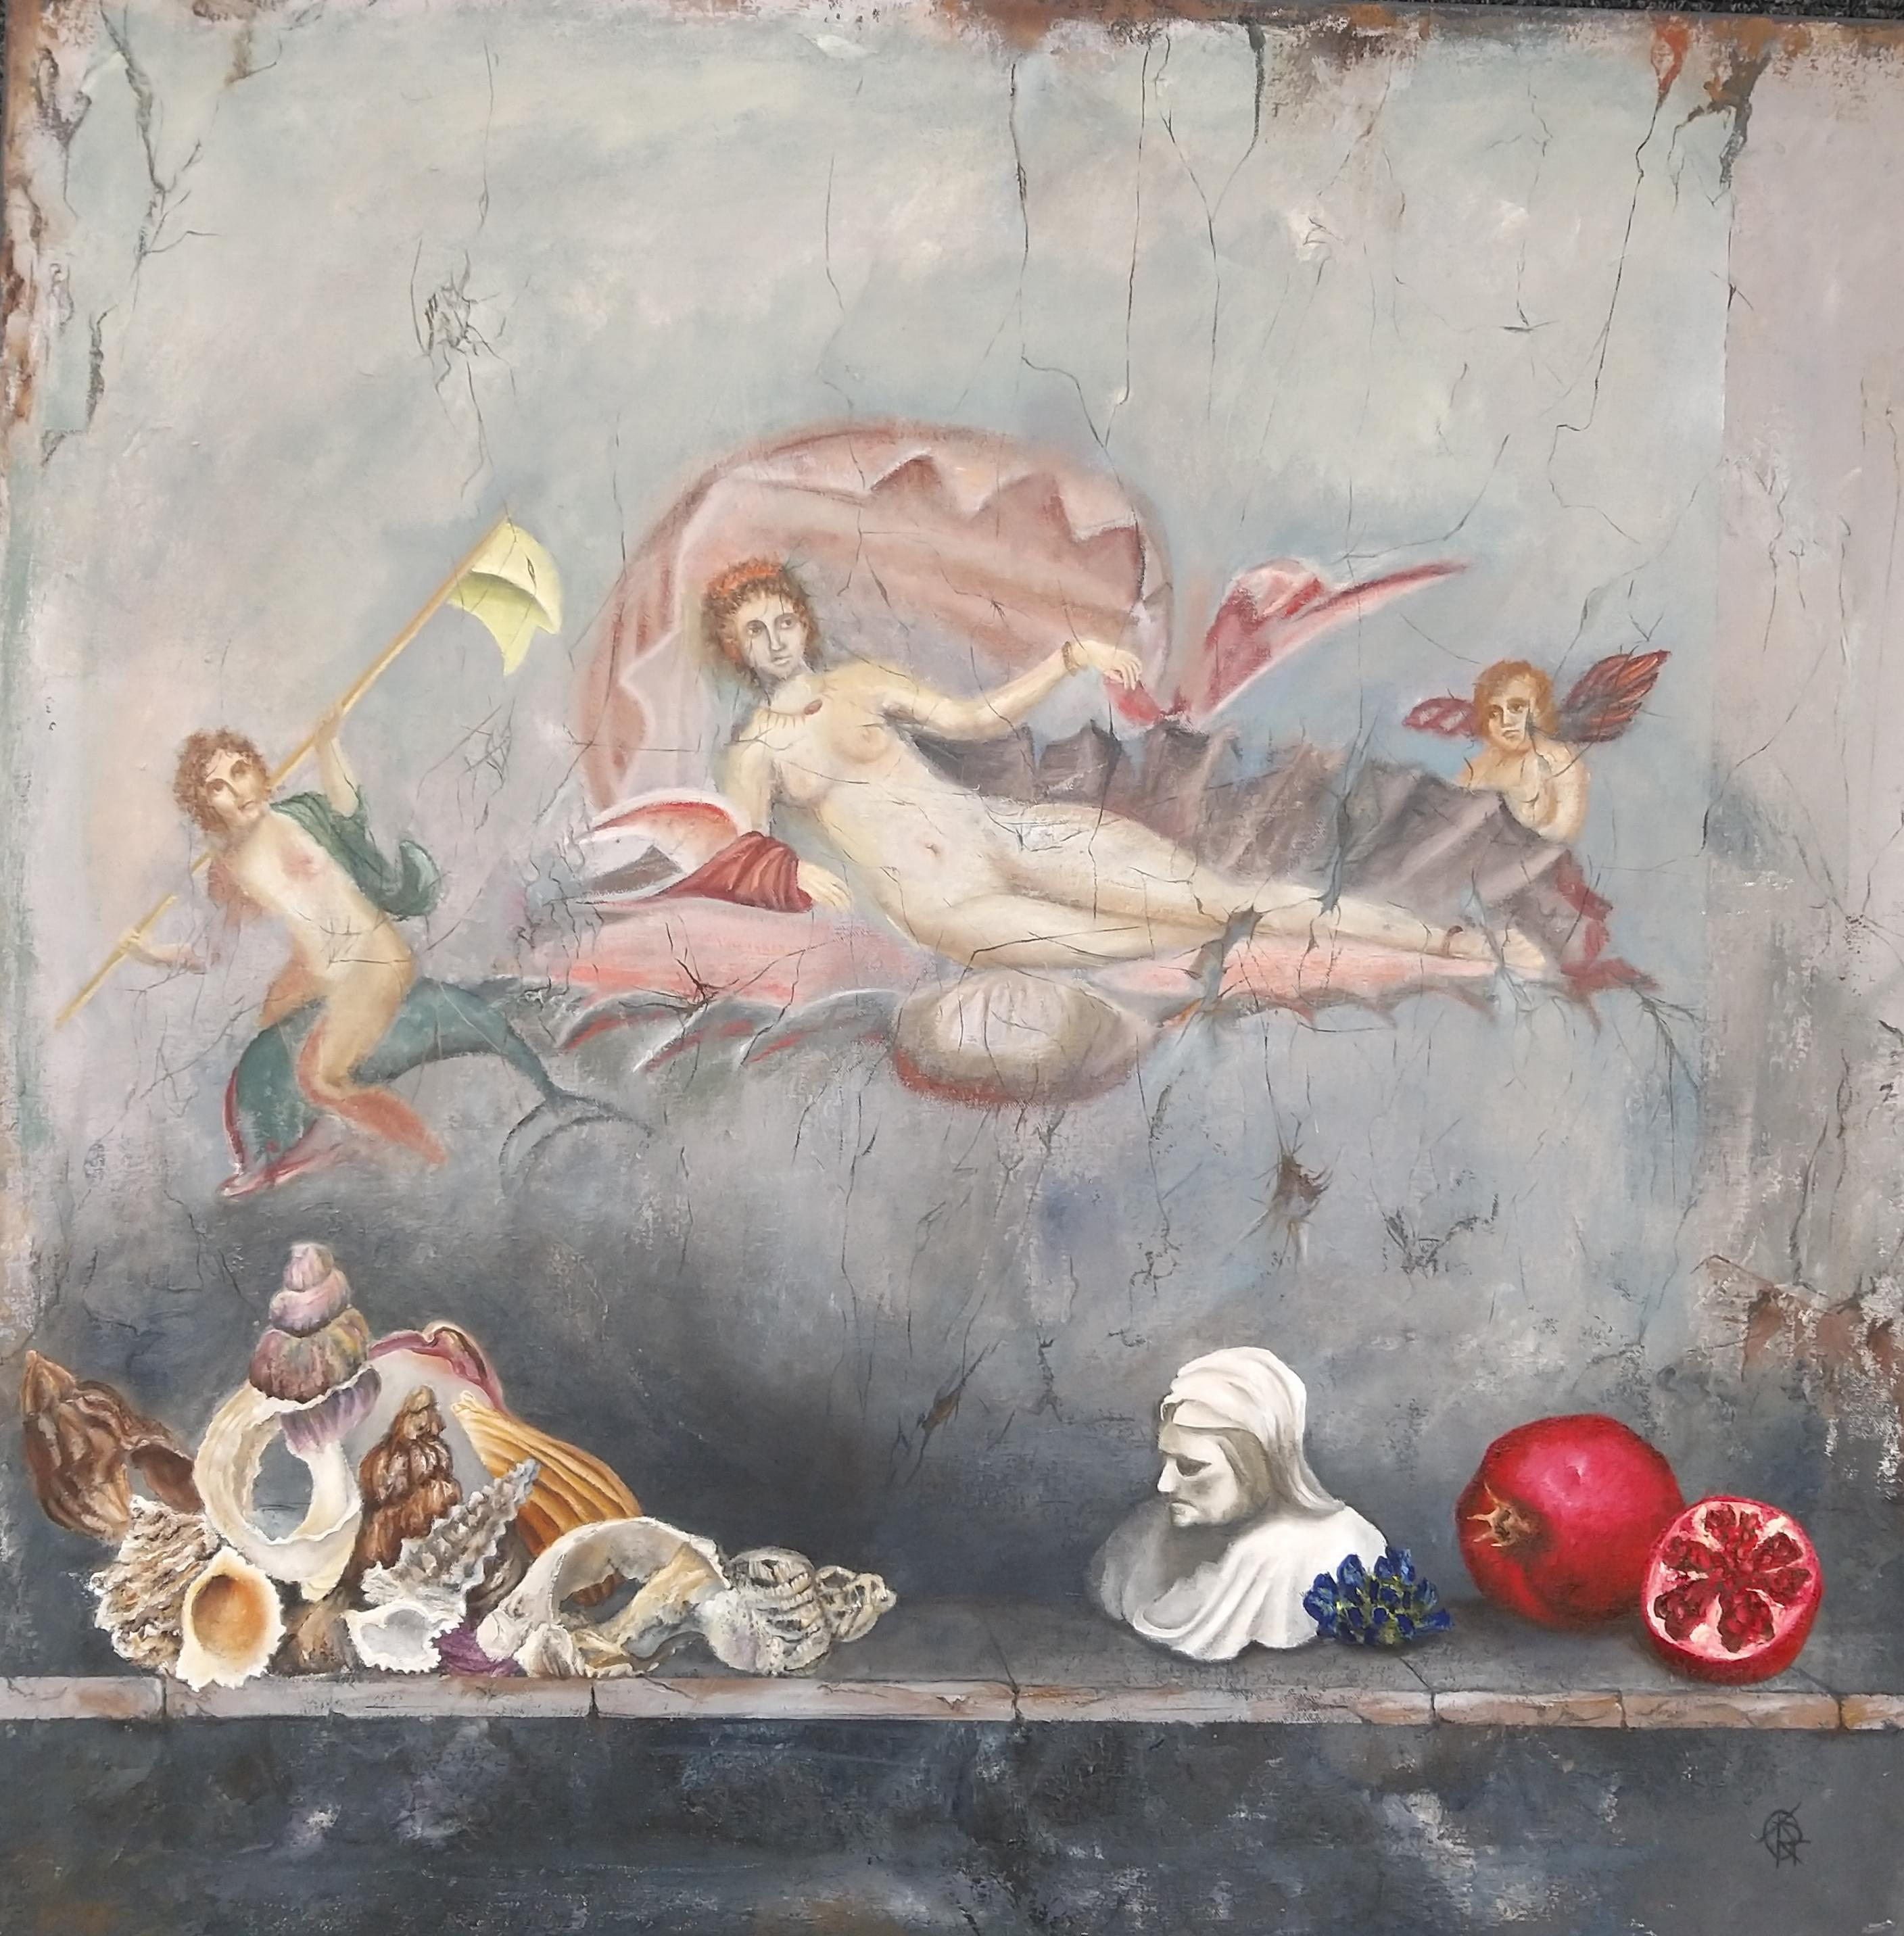 Aphrodite's Altar